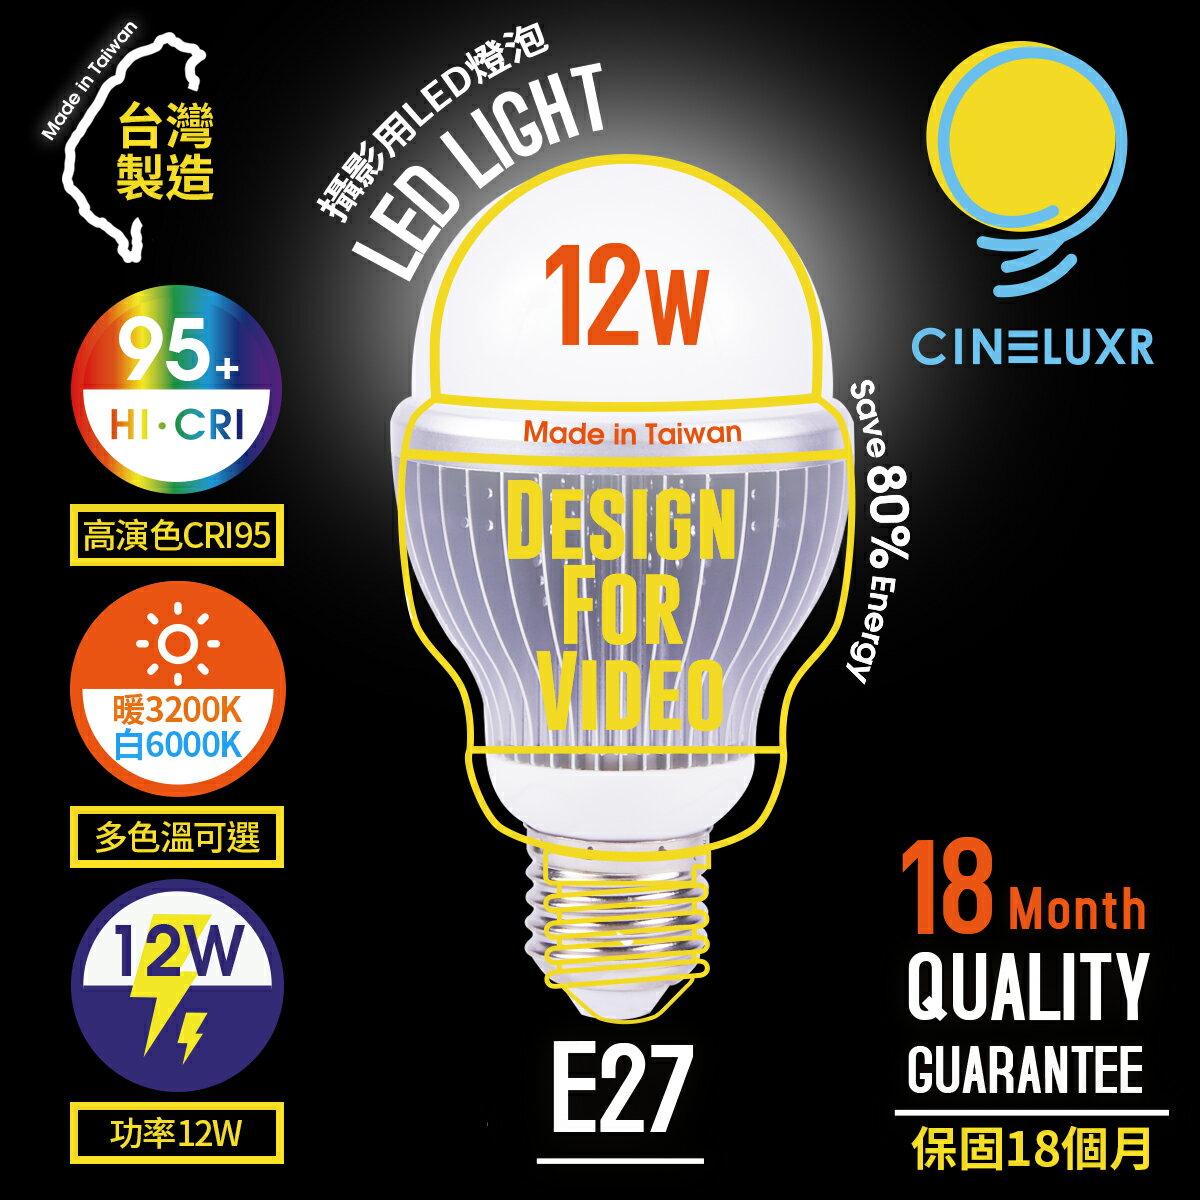 享樂攝影  製Cineluxr 12W 攝影用 LED燈泡 CRI95高演色 無頻閃 錄